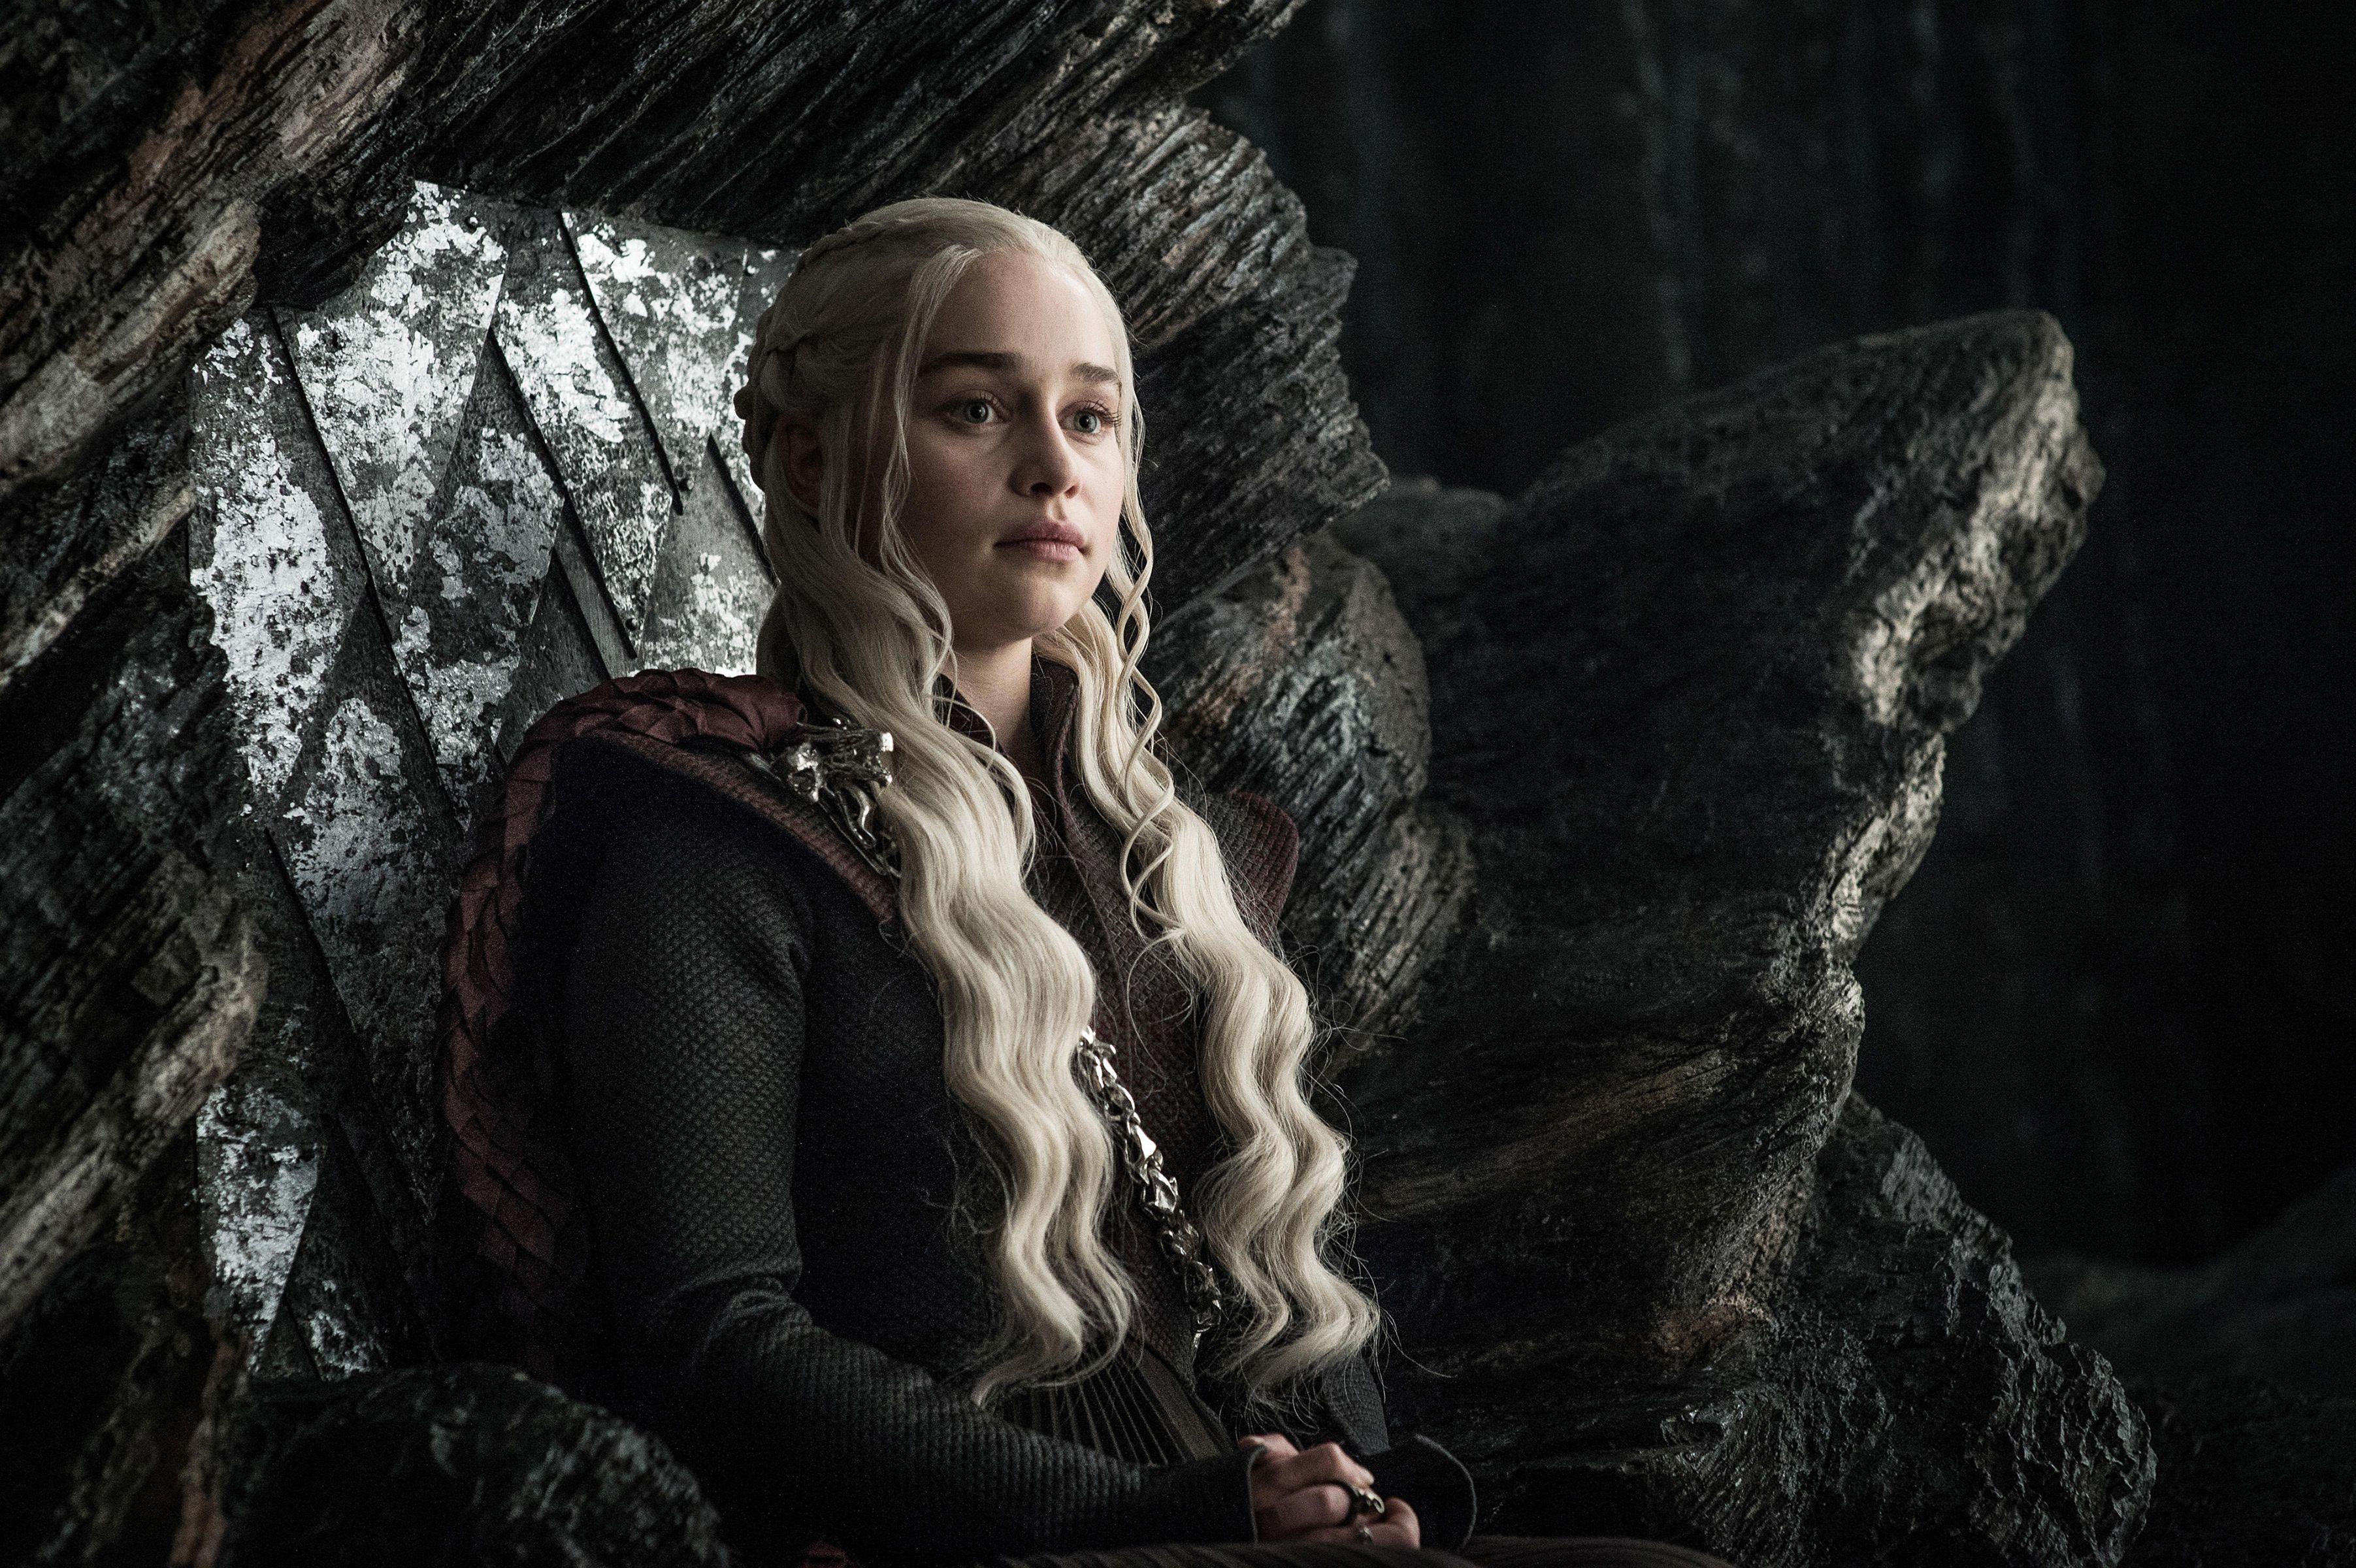 «Game of Thrones»: Γιατί ο συγγραφέας σκοτώνει τους χαρακτήρες του; | tlife.gr